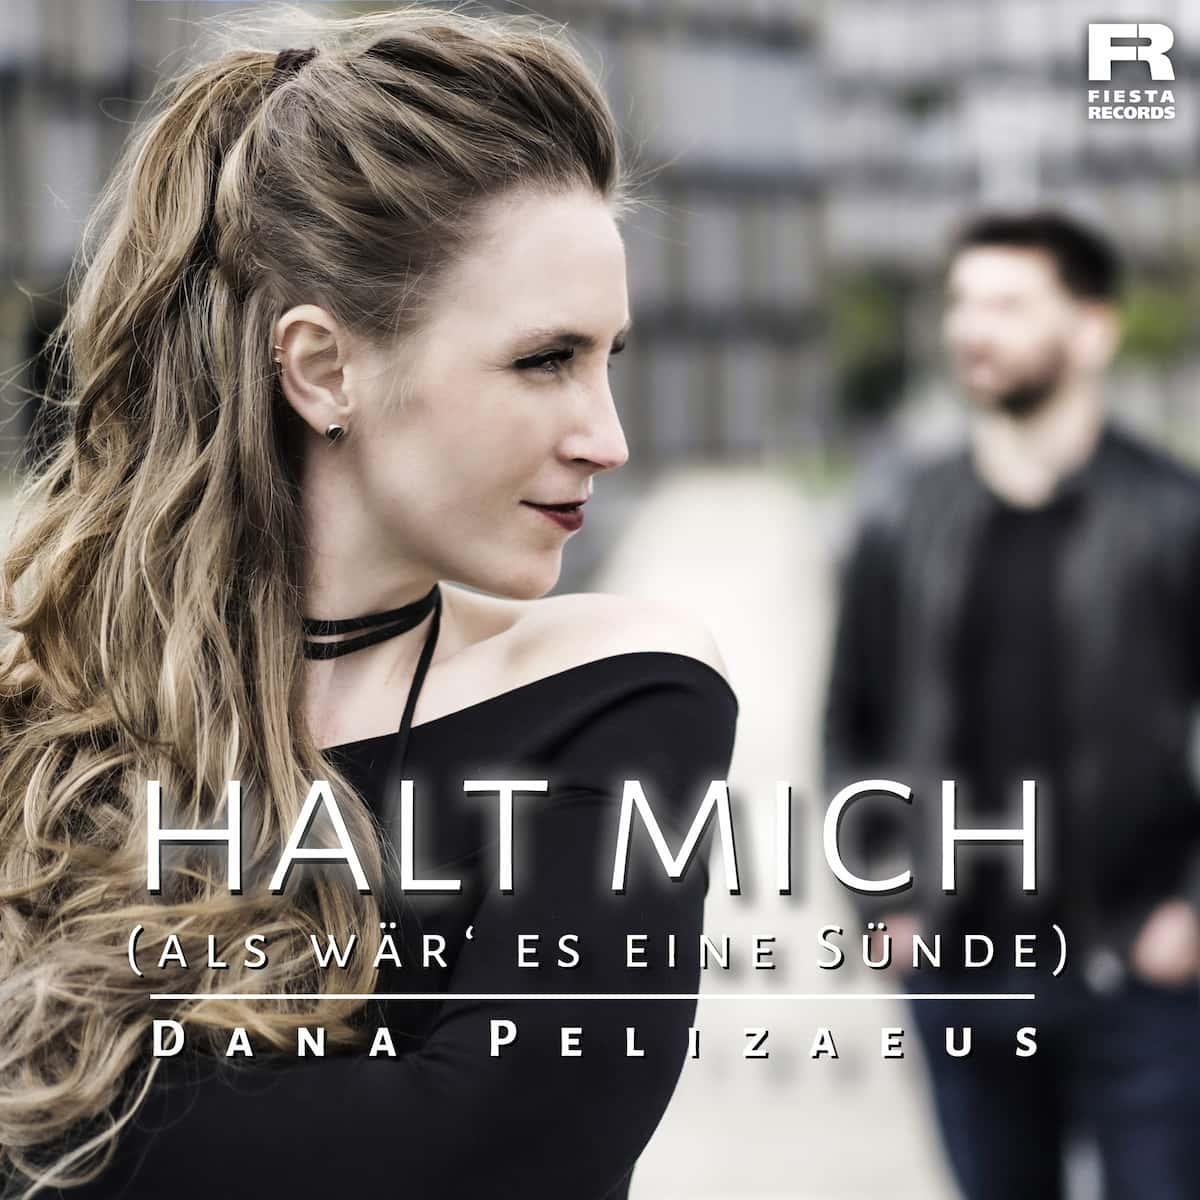 Dana Pelizaeus mit 'Halt mich als wär es eine Sünde' in den Salsango Schlager-Charts Neueinstieg von 0 auf 1